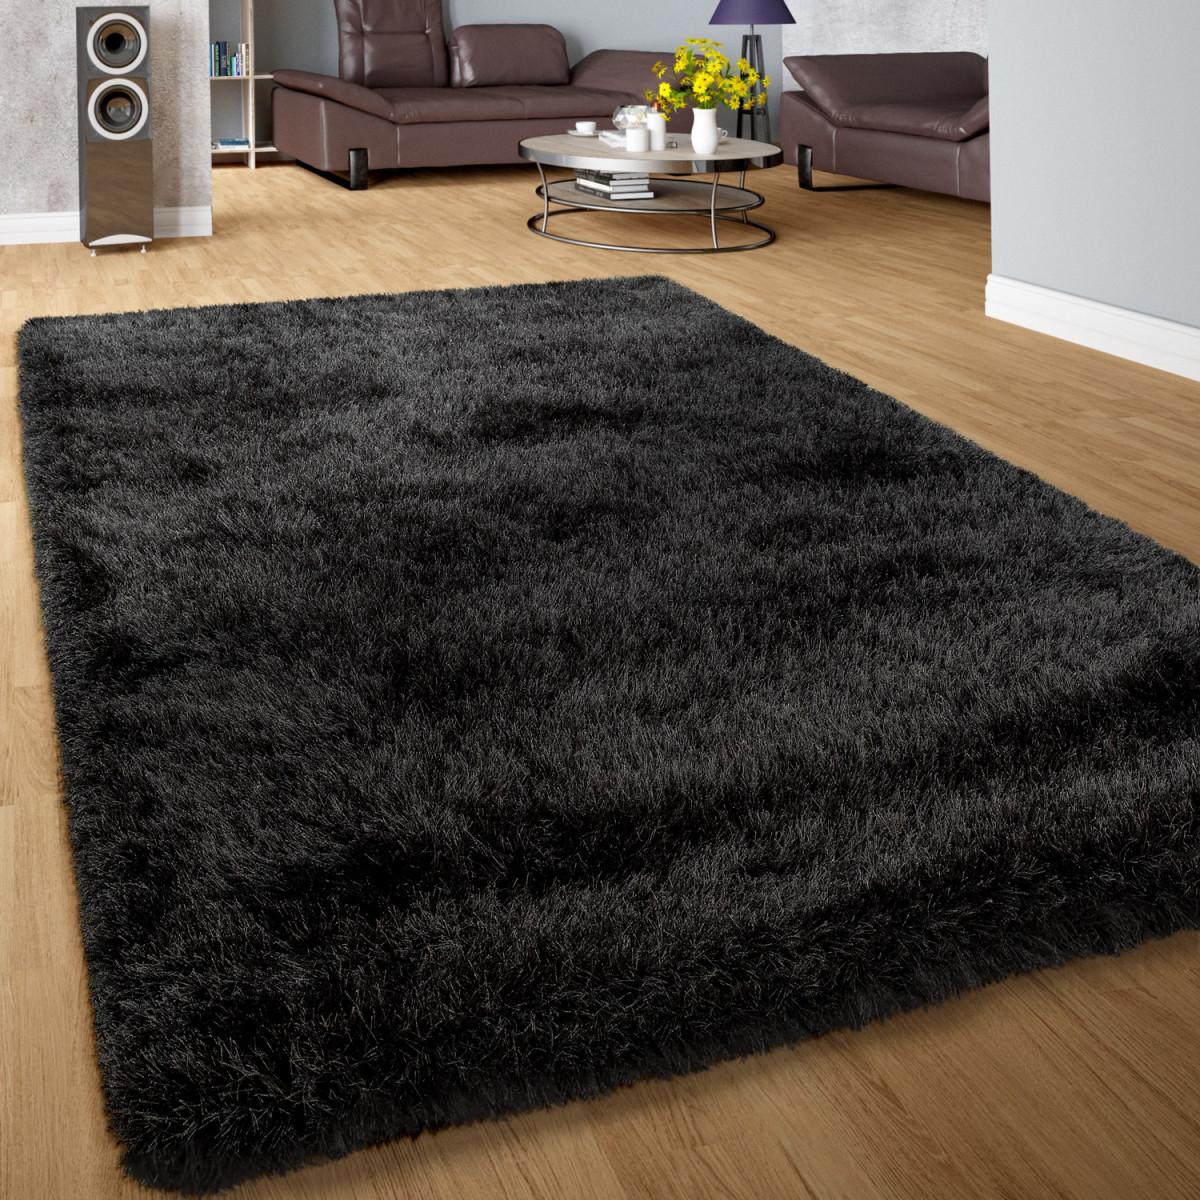 Details Zu Moderner Wohnzimmer Shaggy Hochflor Teppich Soft Garn In Uni  Anthrazit Grau von Wohnzimmer Teppich Anthrazit Photo